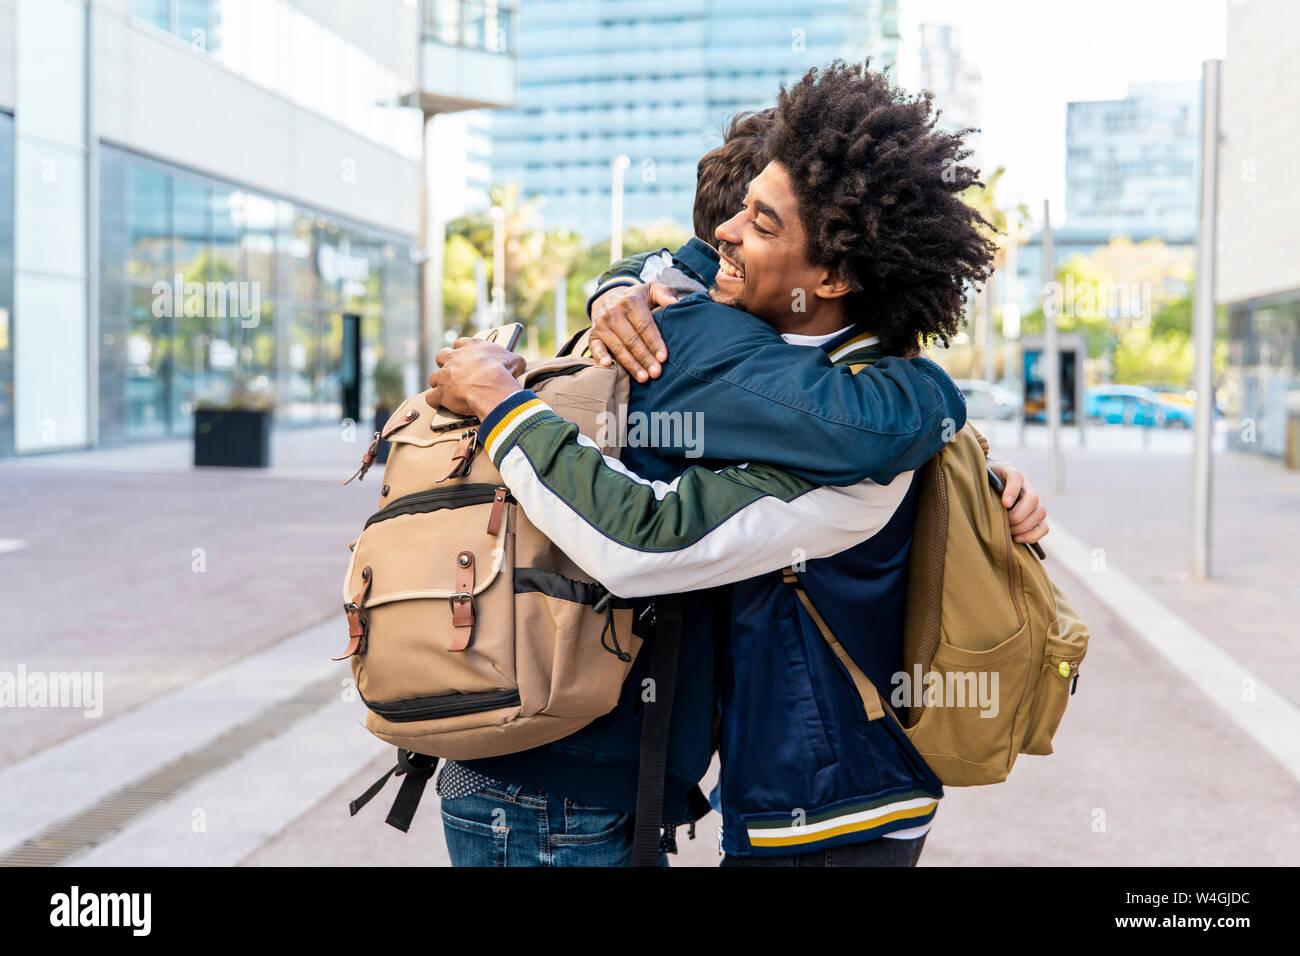 Zwei glückliche casual Geschäftsleute in der Stadt, Barcelona, Spanien Stockfoto